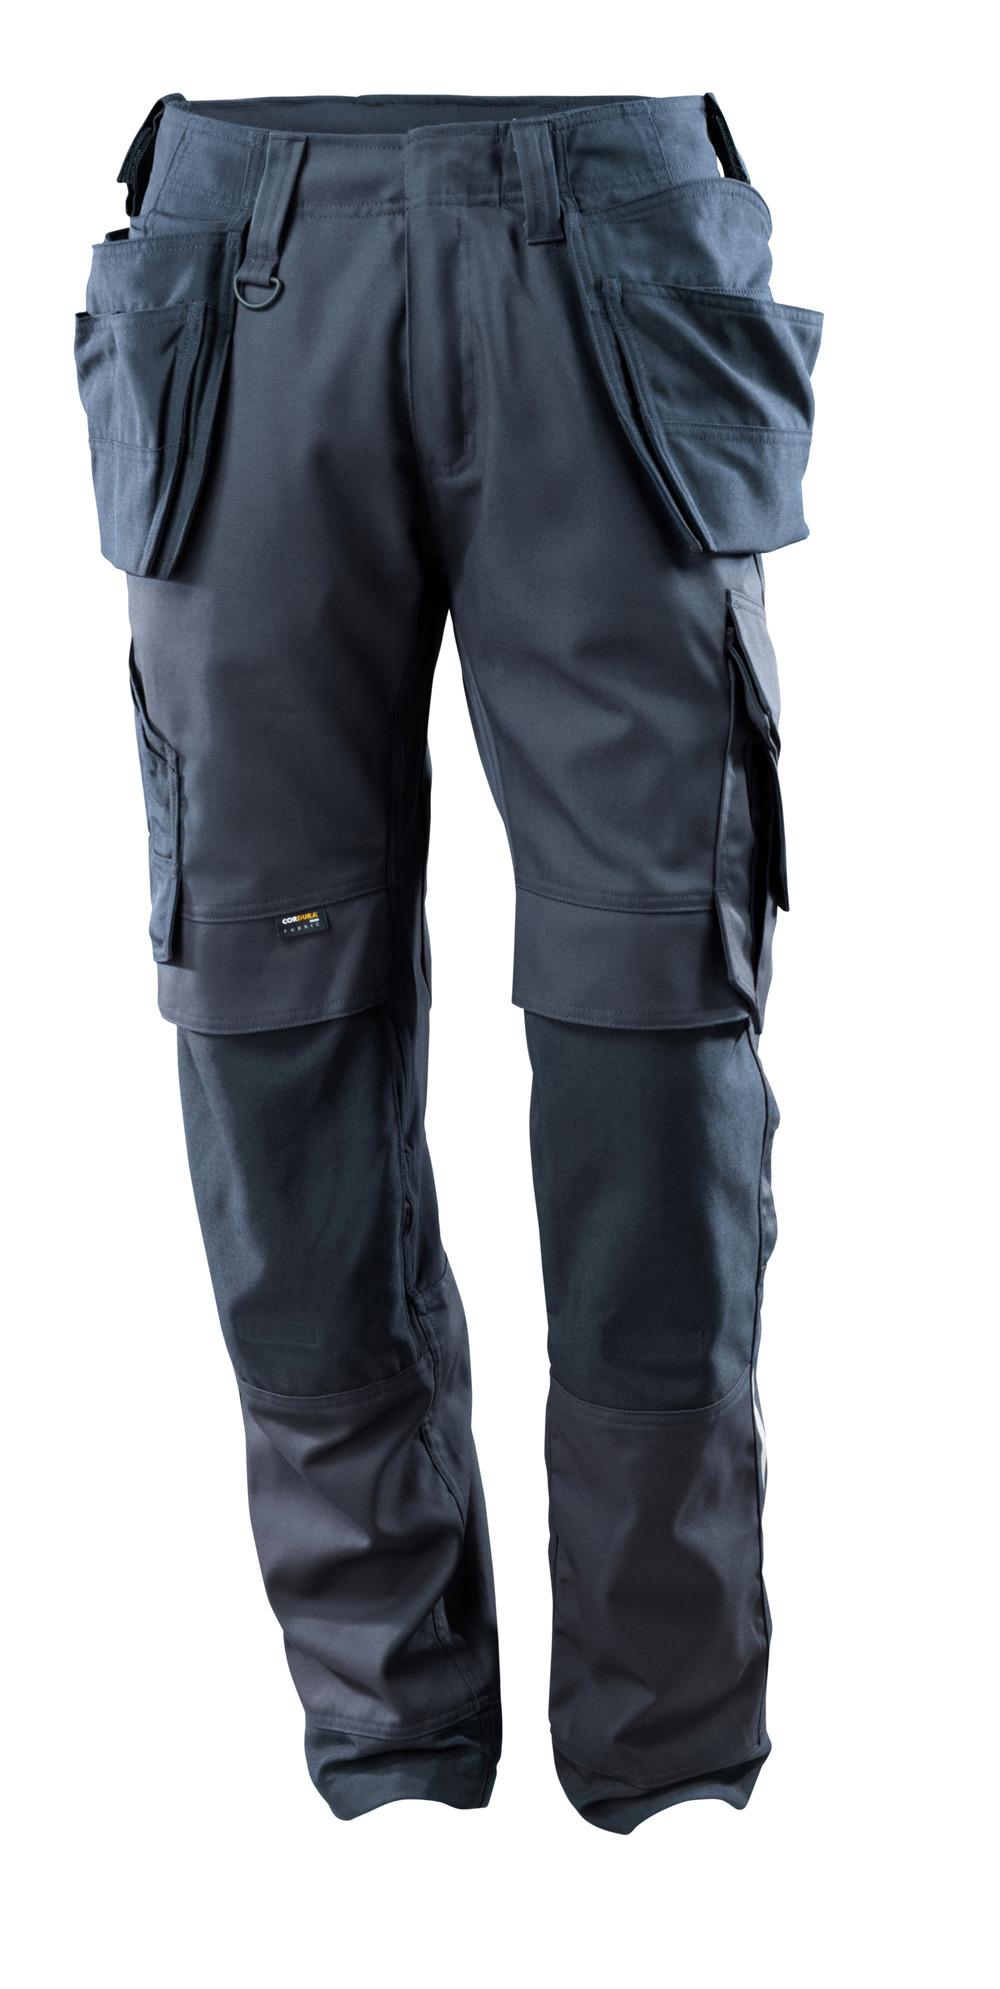 15031-010-010 Broek met knie- en spijkerzakken - donkermarine